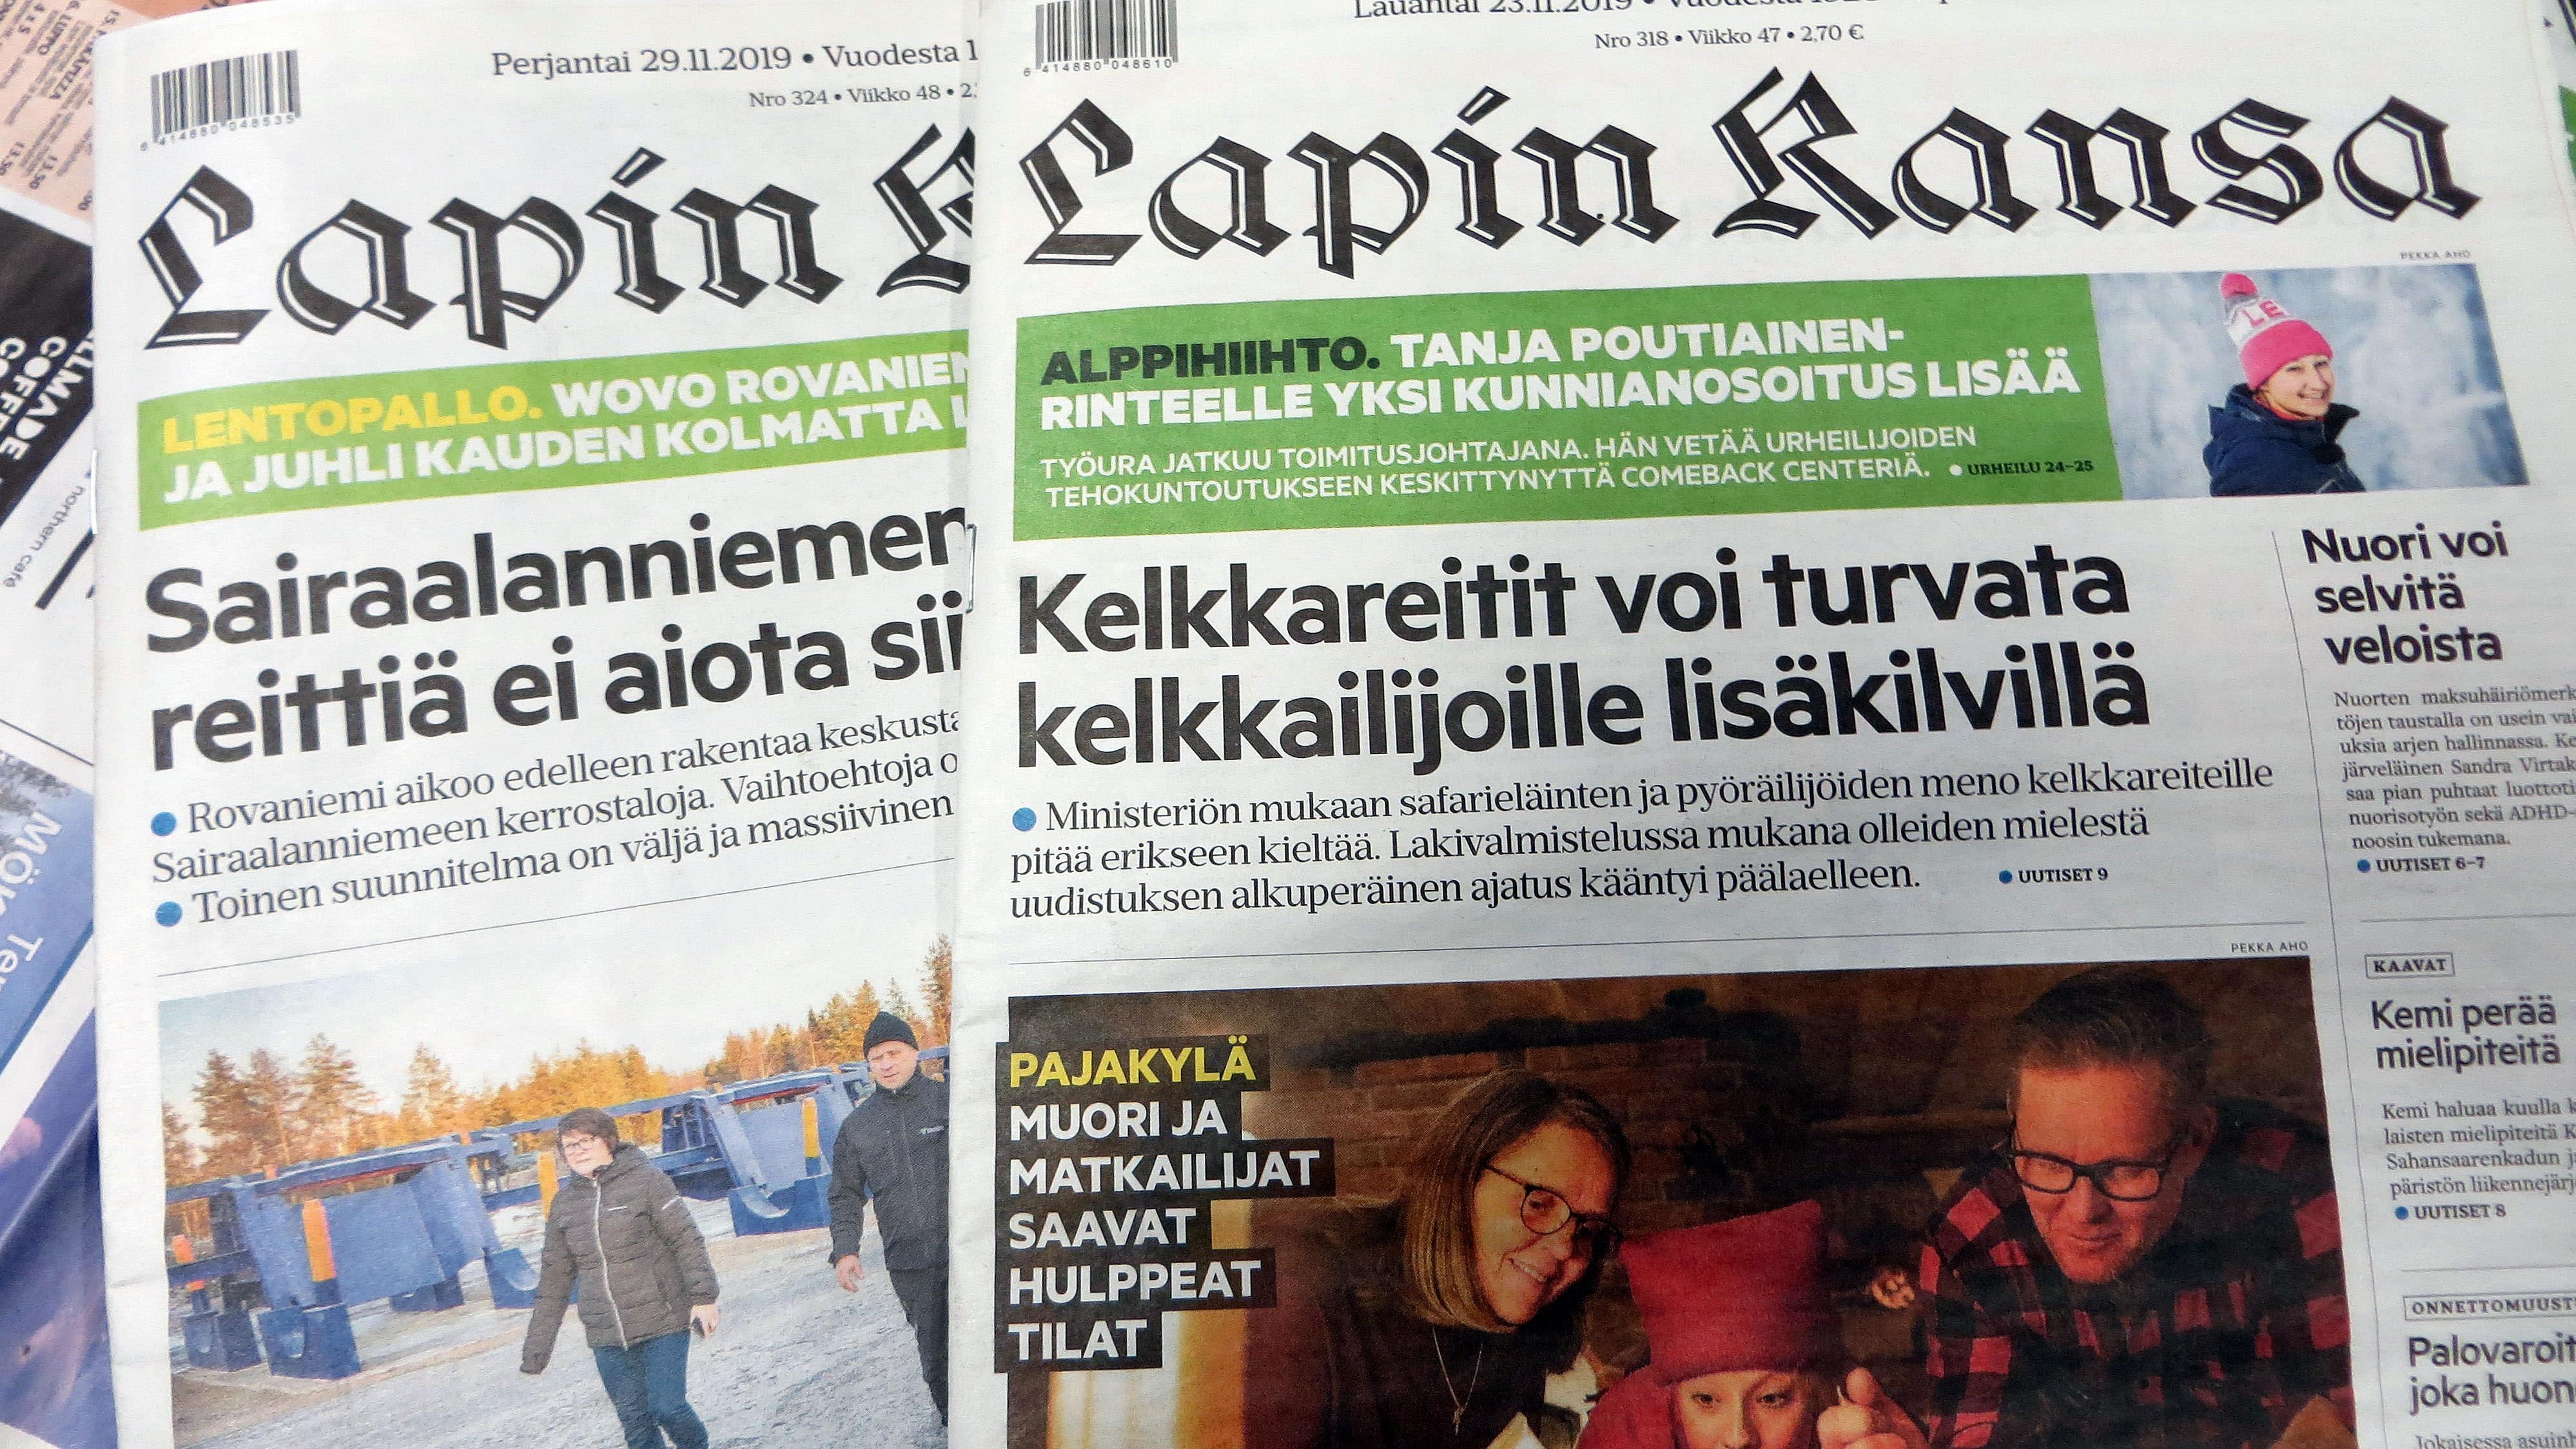 Sanomalehti Lapin Kansa